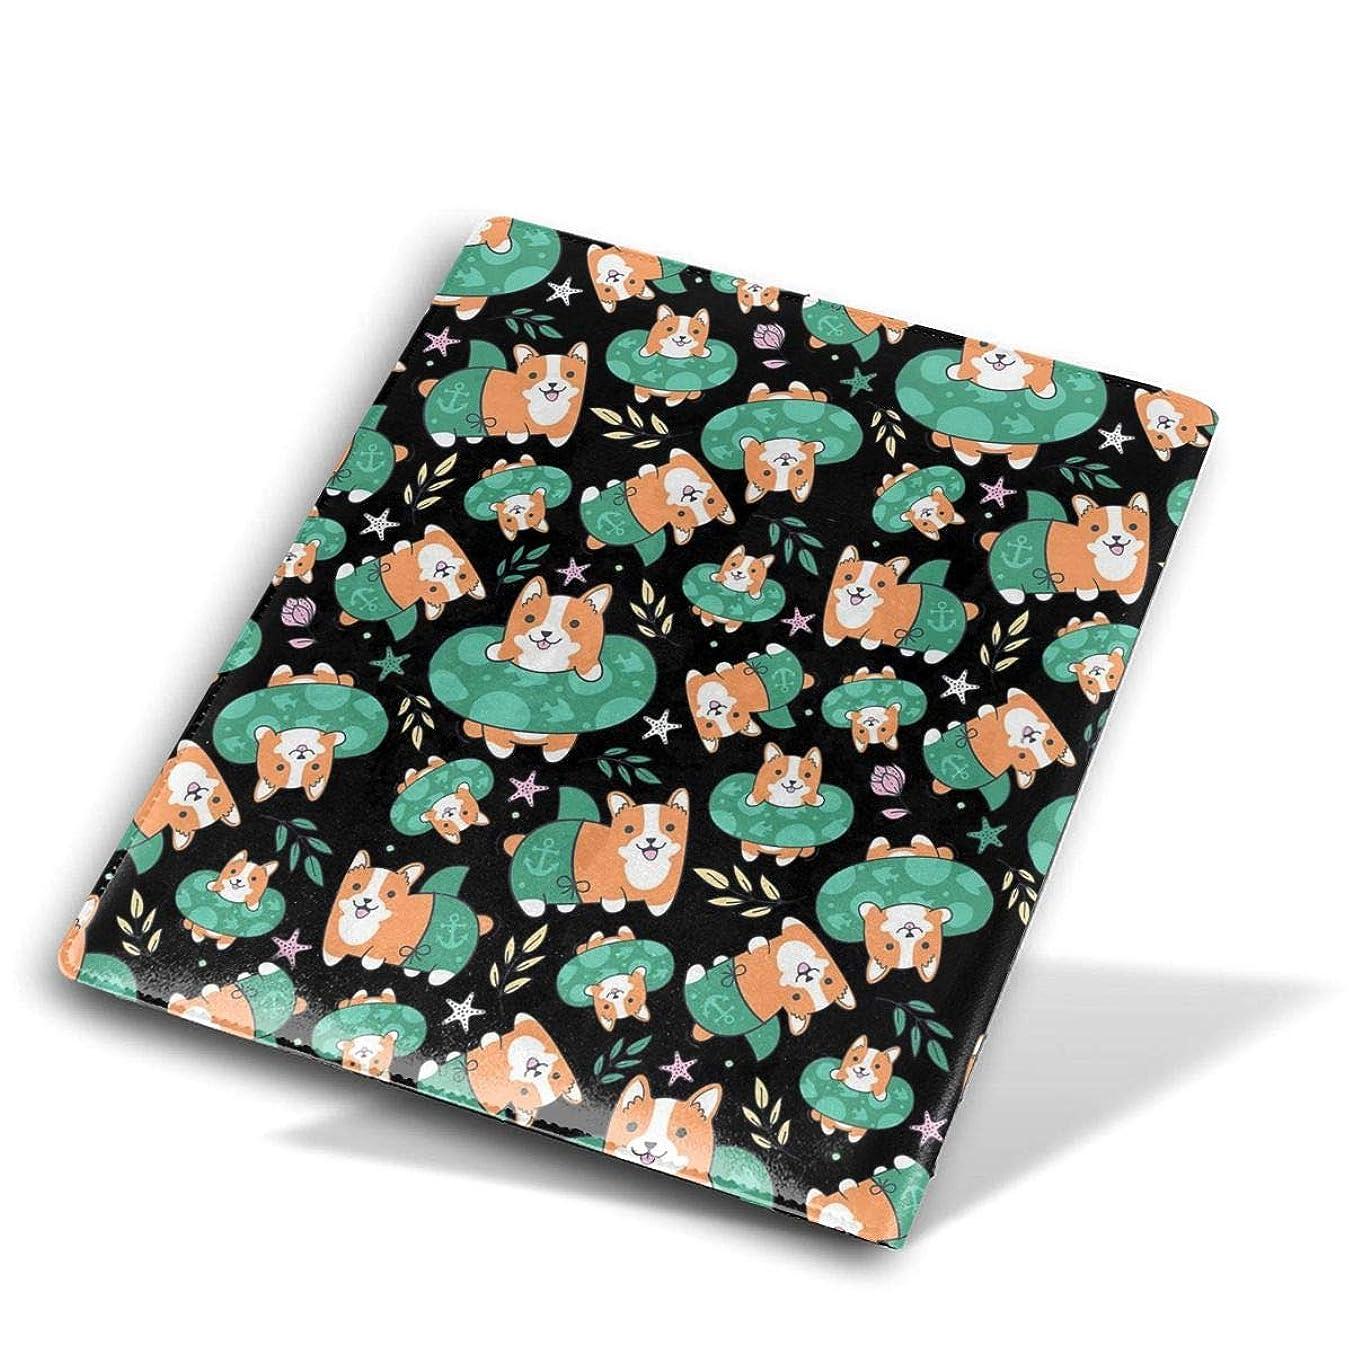 前奏曲社交的ファイター教科書用 ブックカバー 印刷されたパターンを使って 簡単なアクセスと取り外し Size 28*51 Cm コーギー犬 水泳